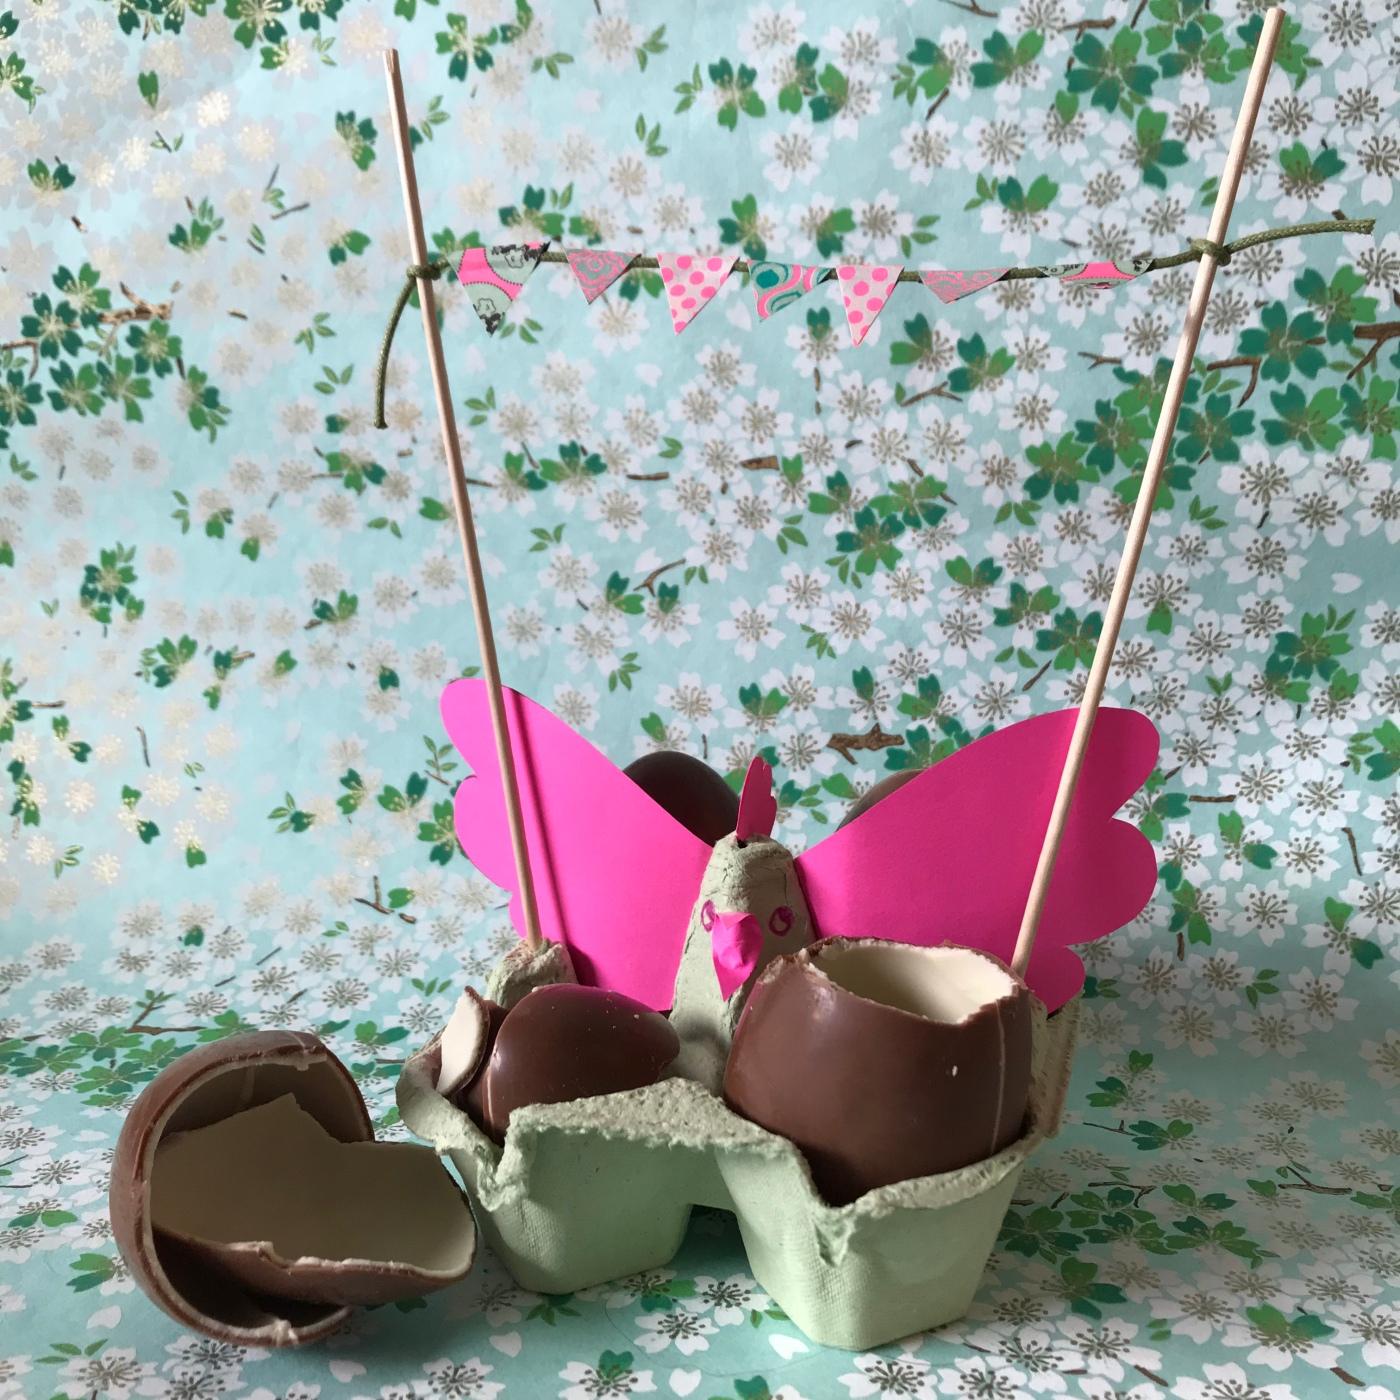 Pâques approche - DIY - bricolage enfant - craft for kids - décoration de Pâques - poule - boîte à œufs - papier - image à la une